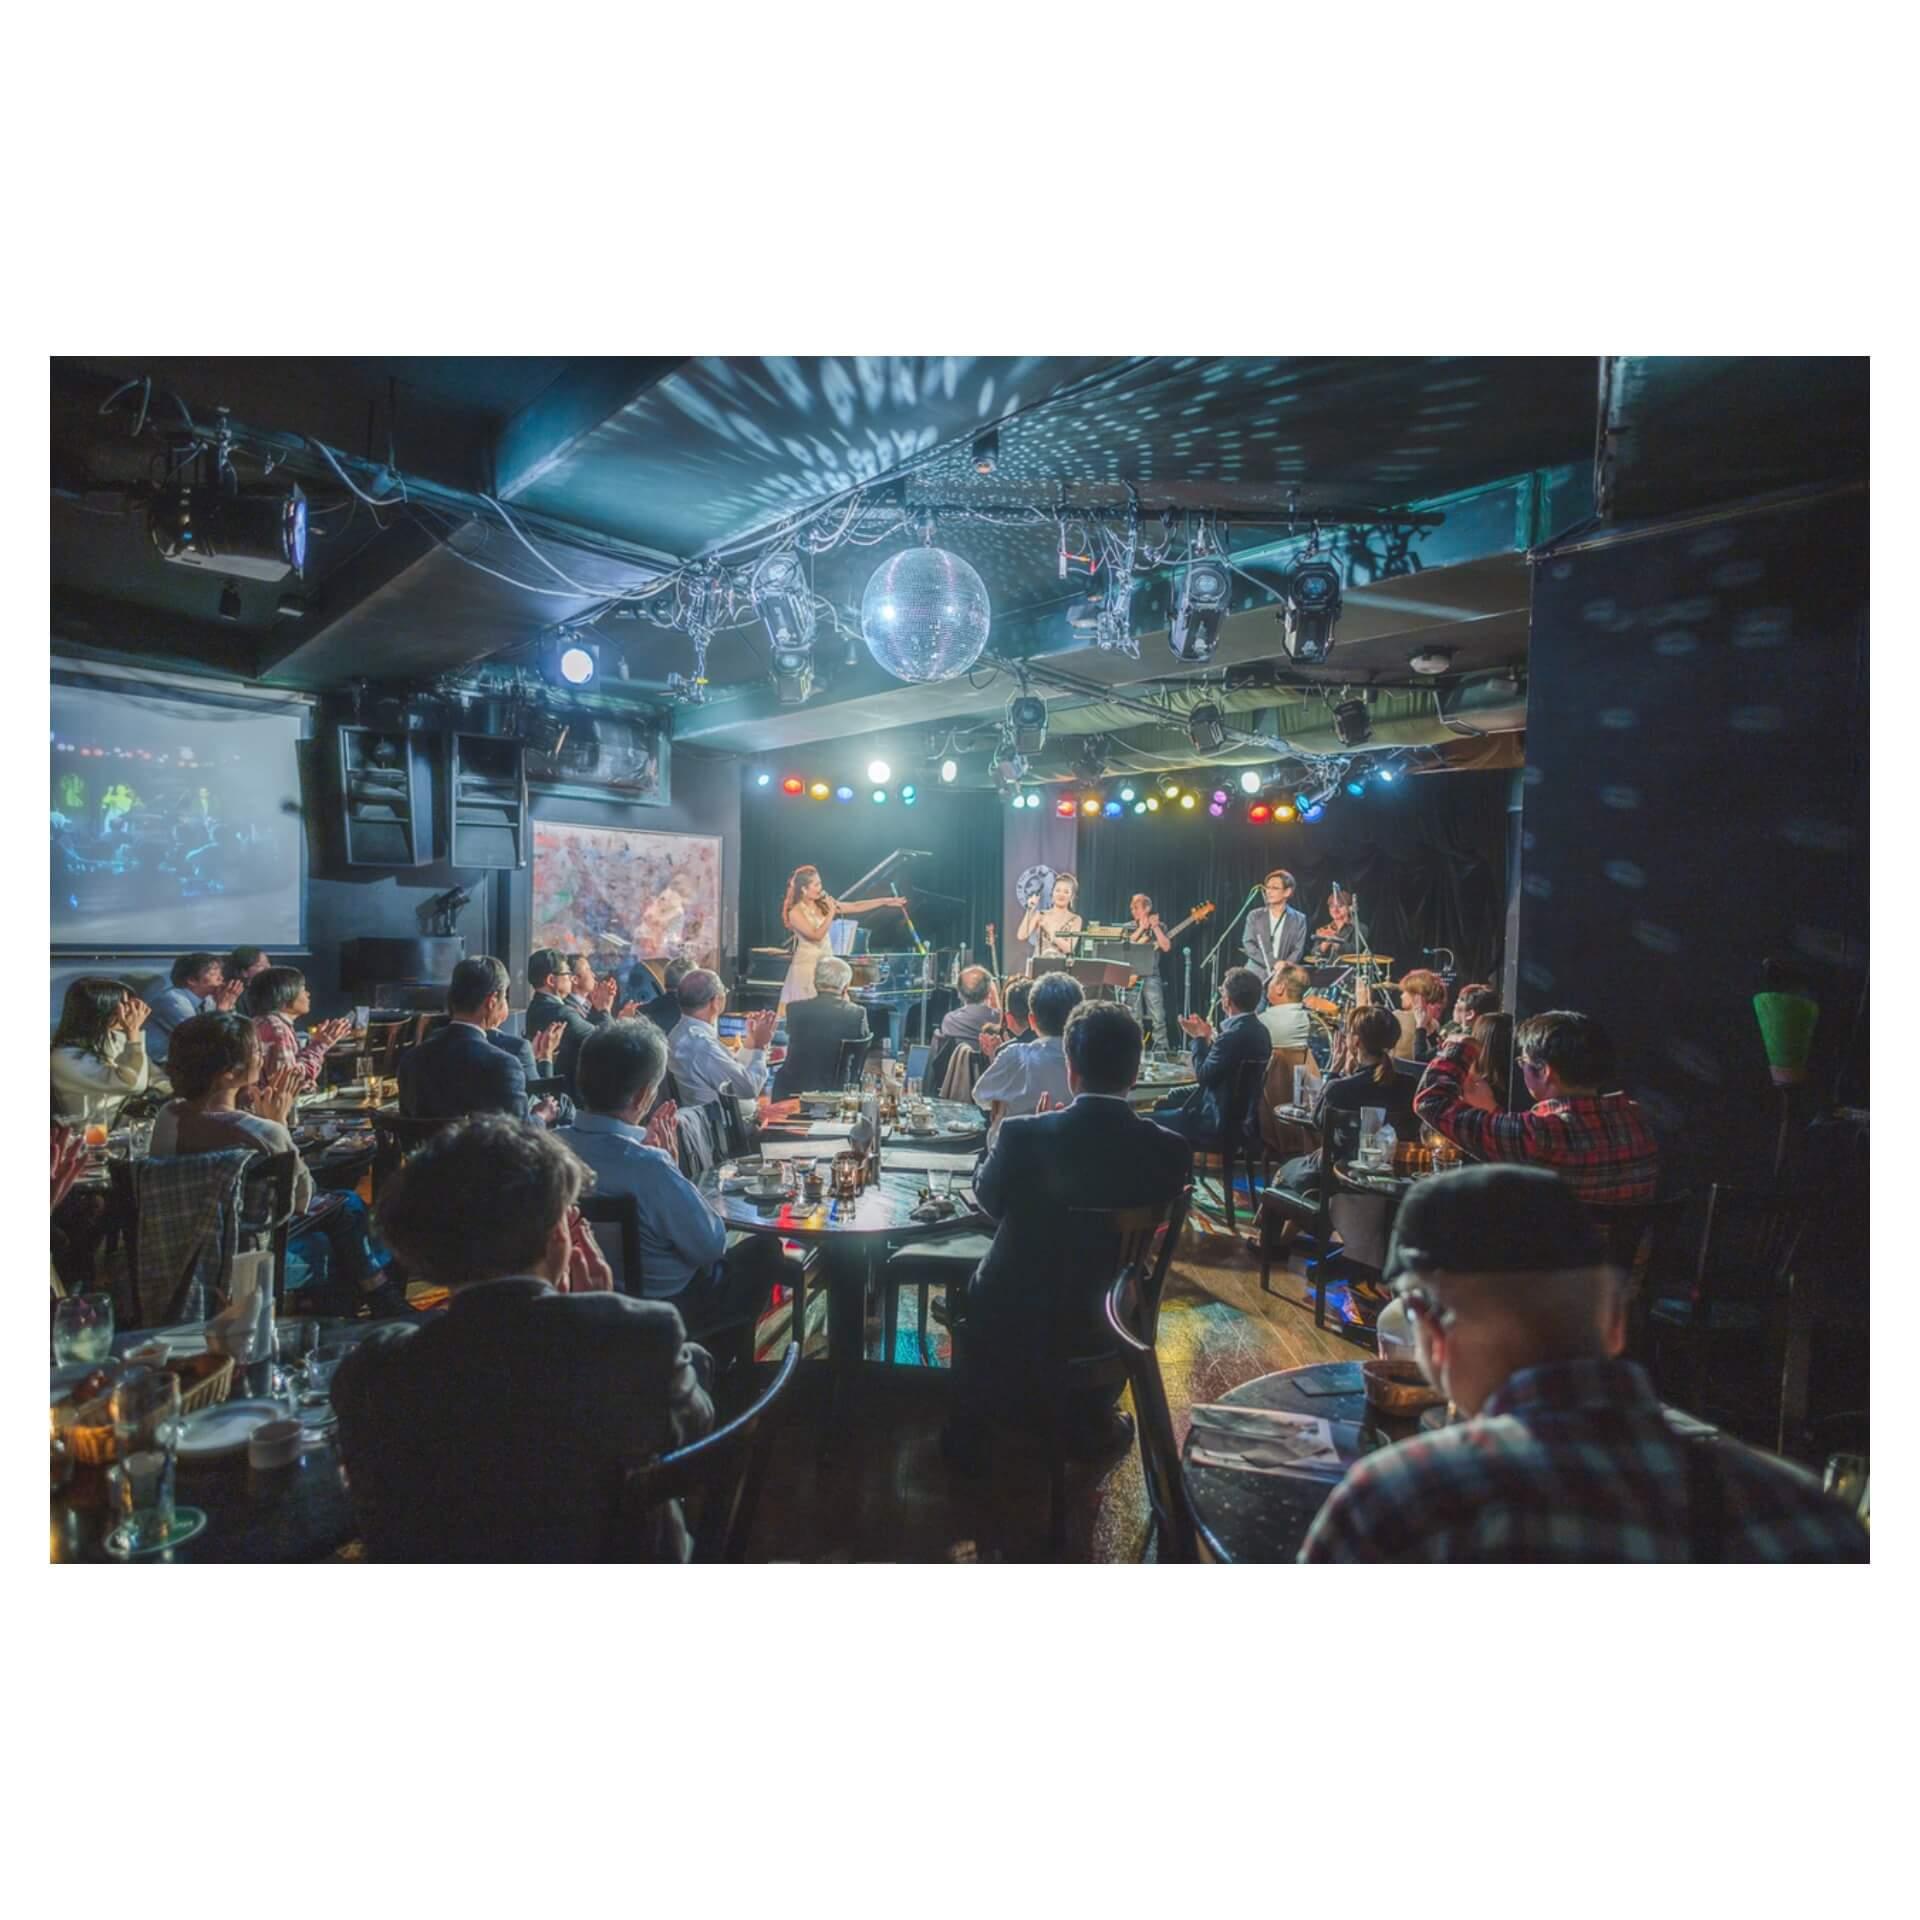 2019/11/18目黒ブルースアレイLIVE写真②